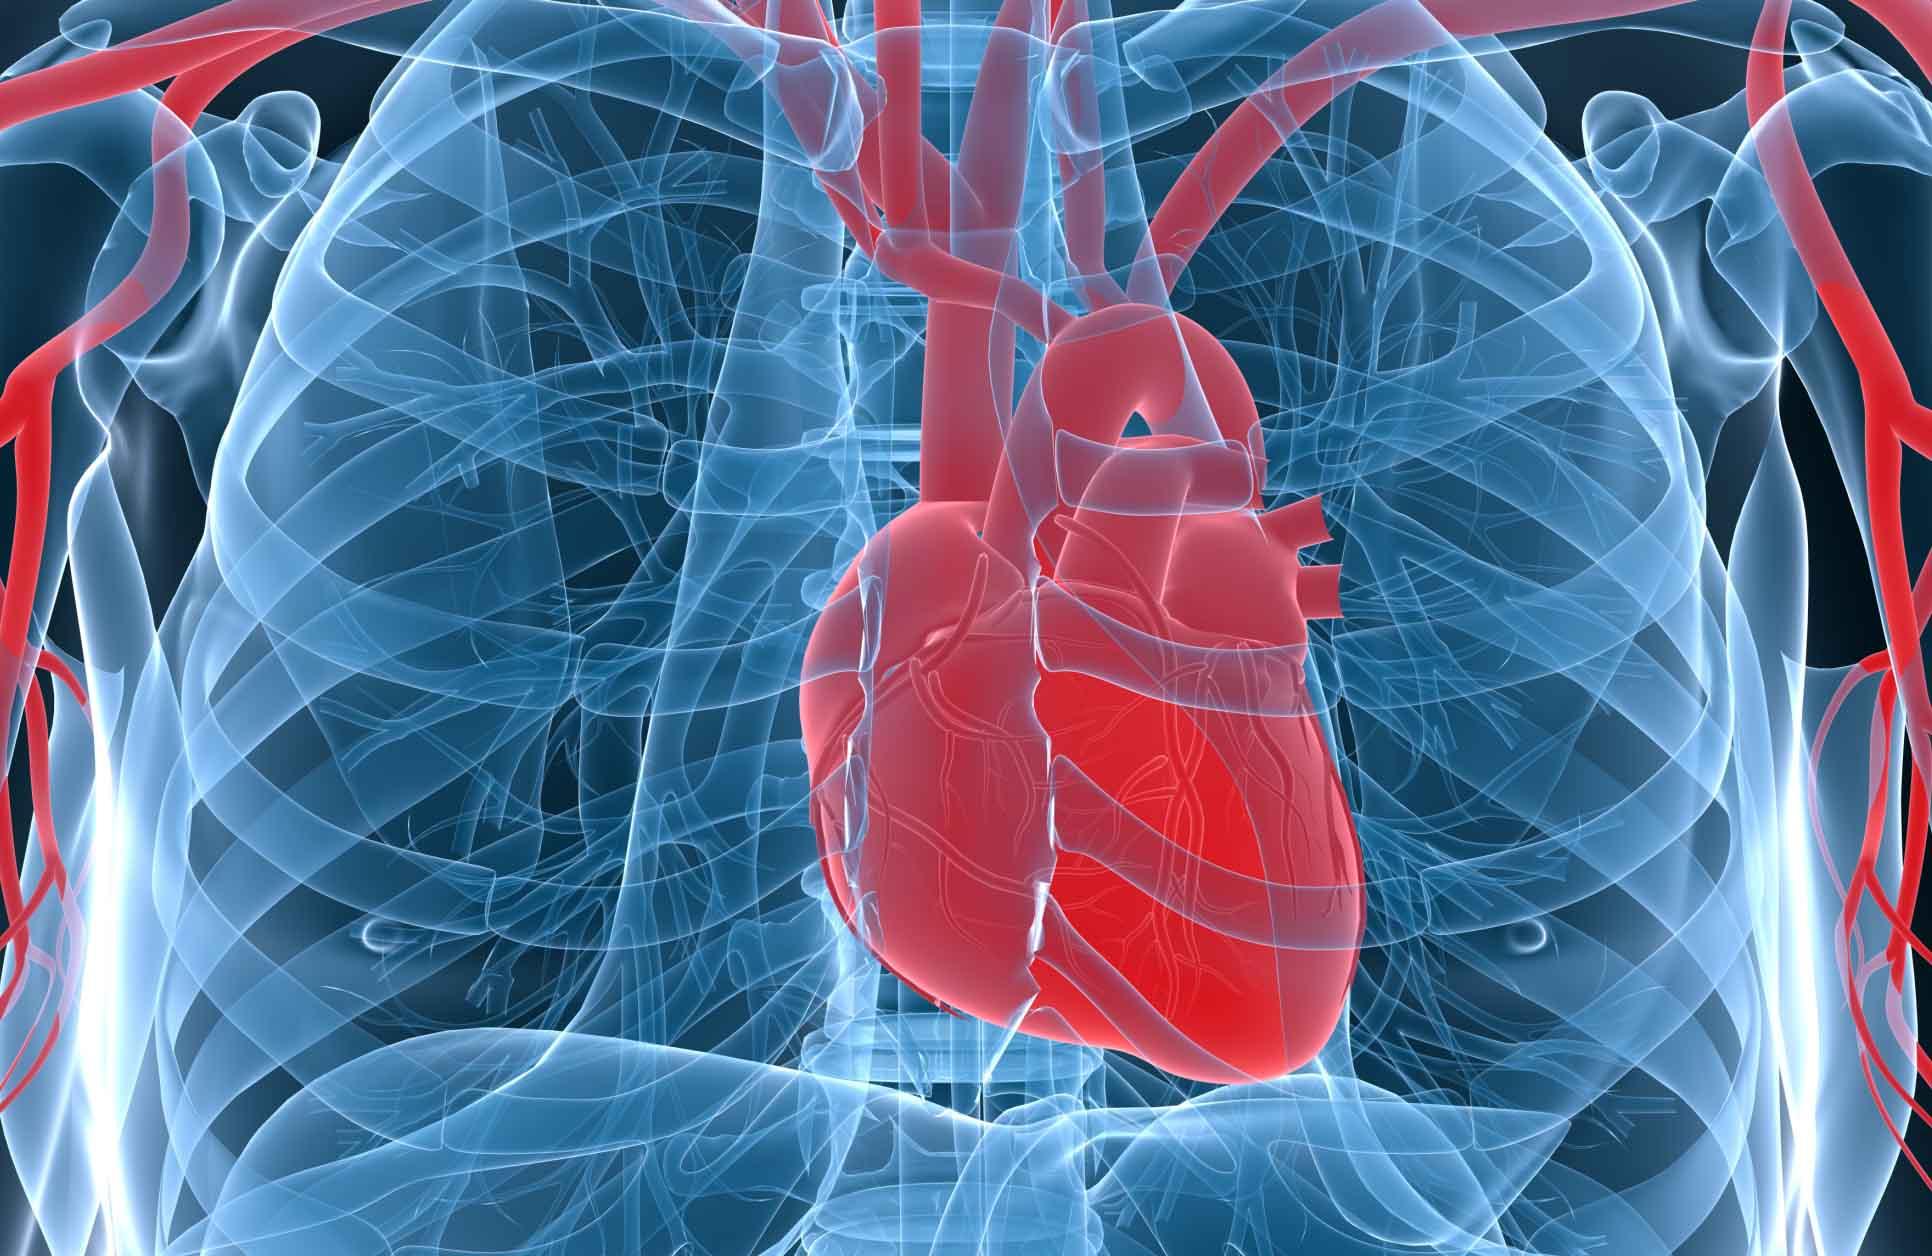 La cardiotrofina-1 le hace creer al órgano que el cuerpo realiza ejercicio, para favorecer su crecimiento